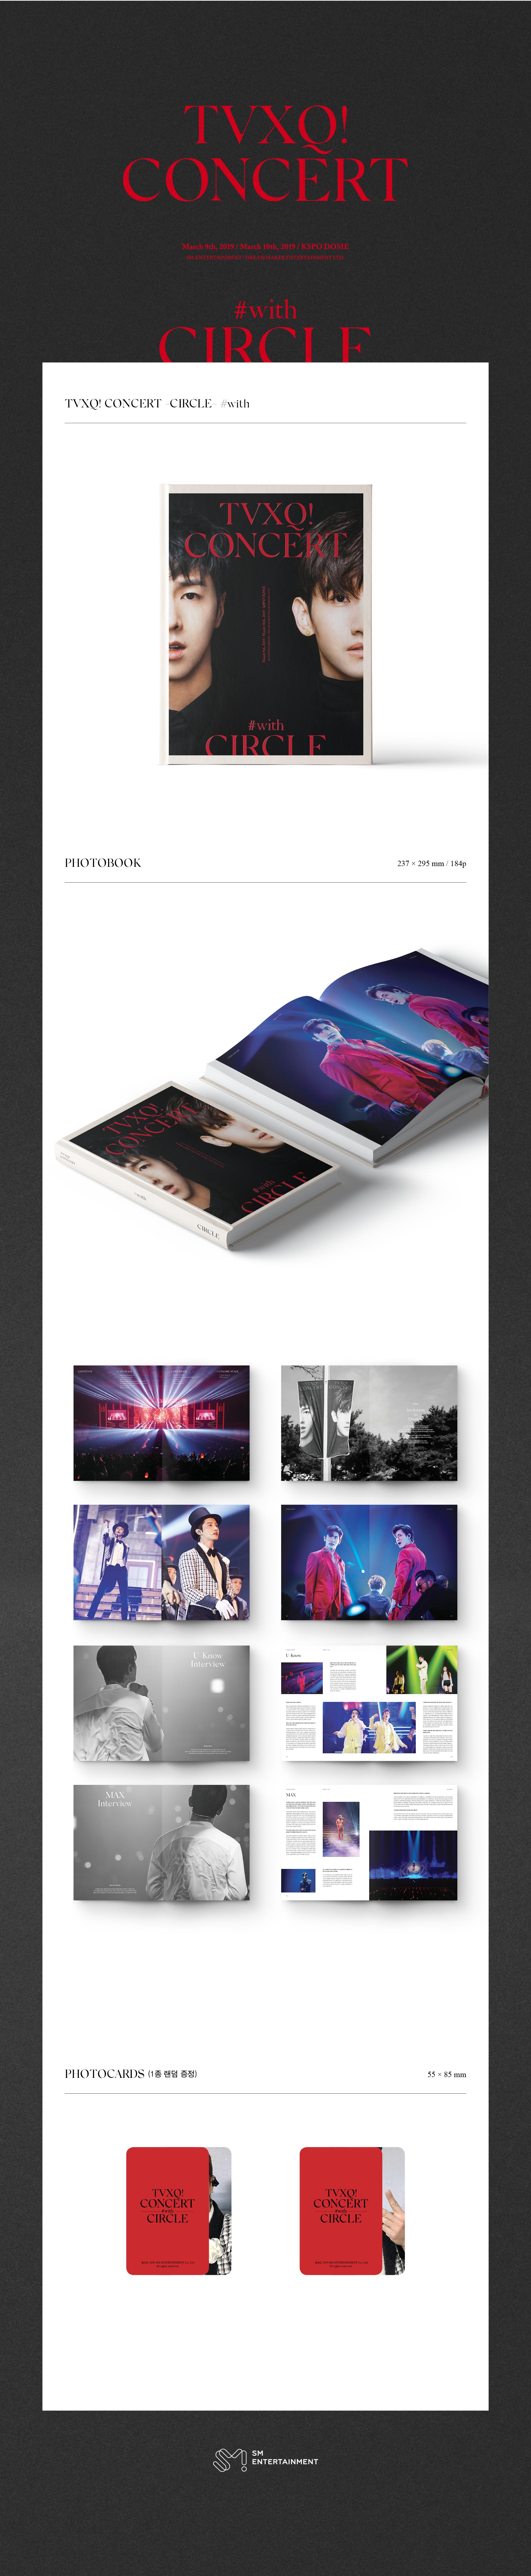 東方神起 写真集 TVXQ! CONCERT -CIRCLE- #with LIVE PHOTOBOOK